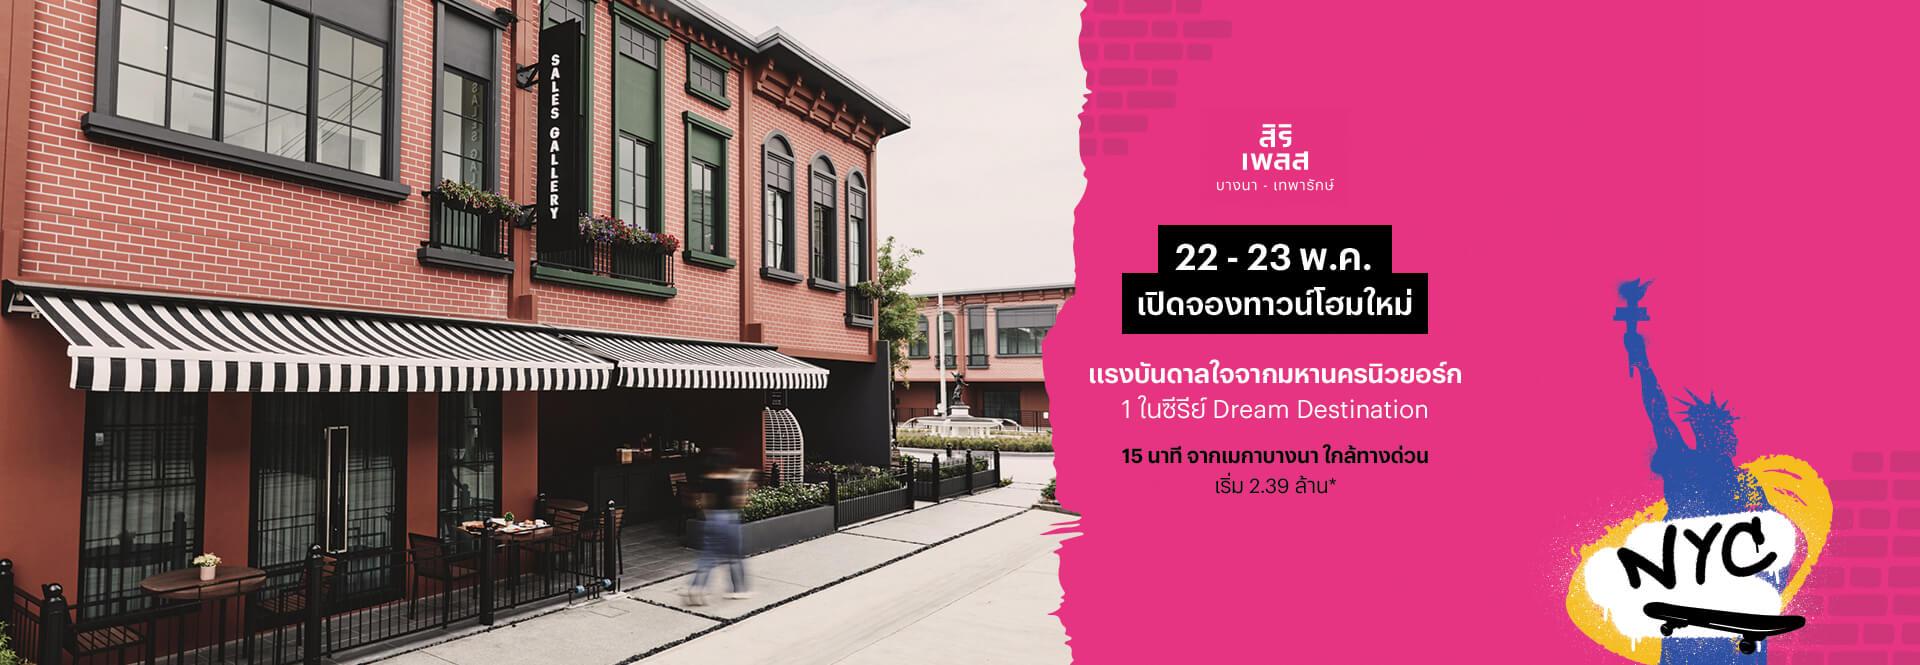 22-23 พ.ค. เปิดจองทาวน์โฮมใหม่